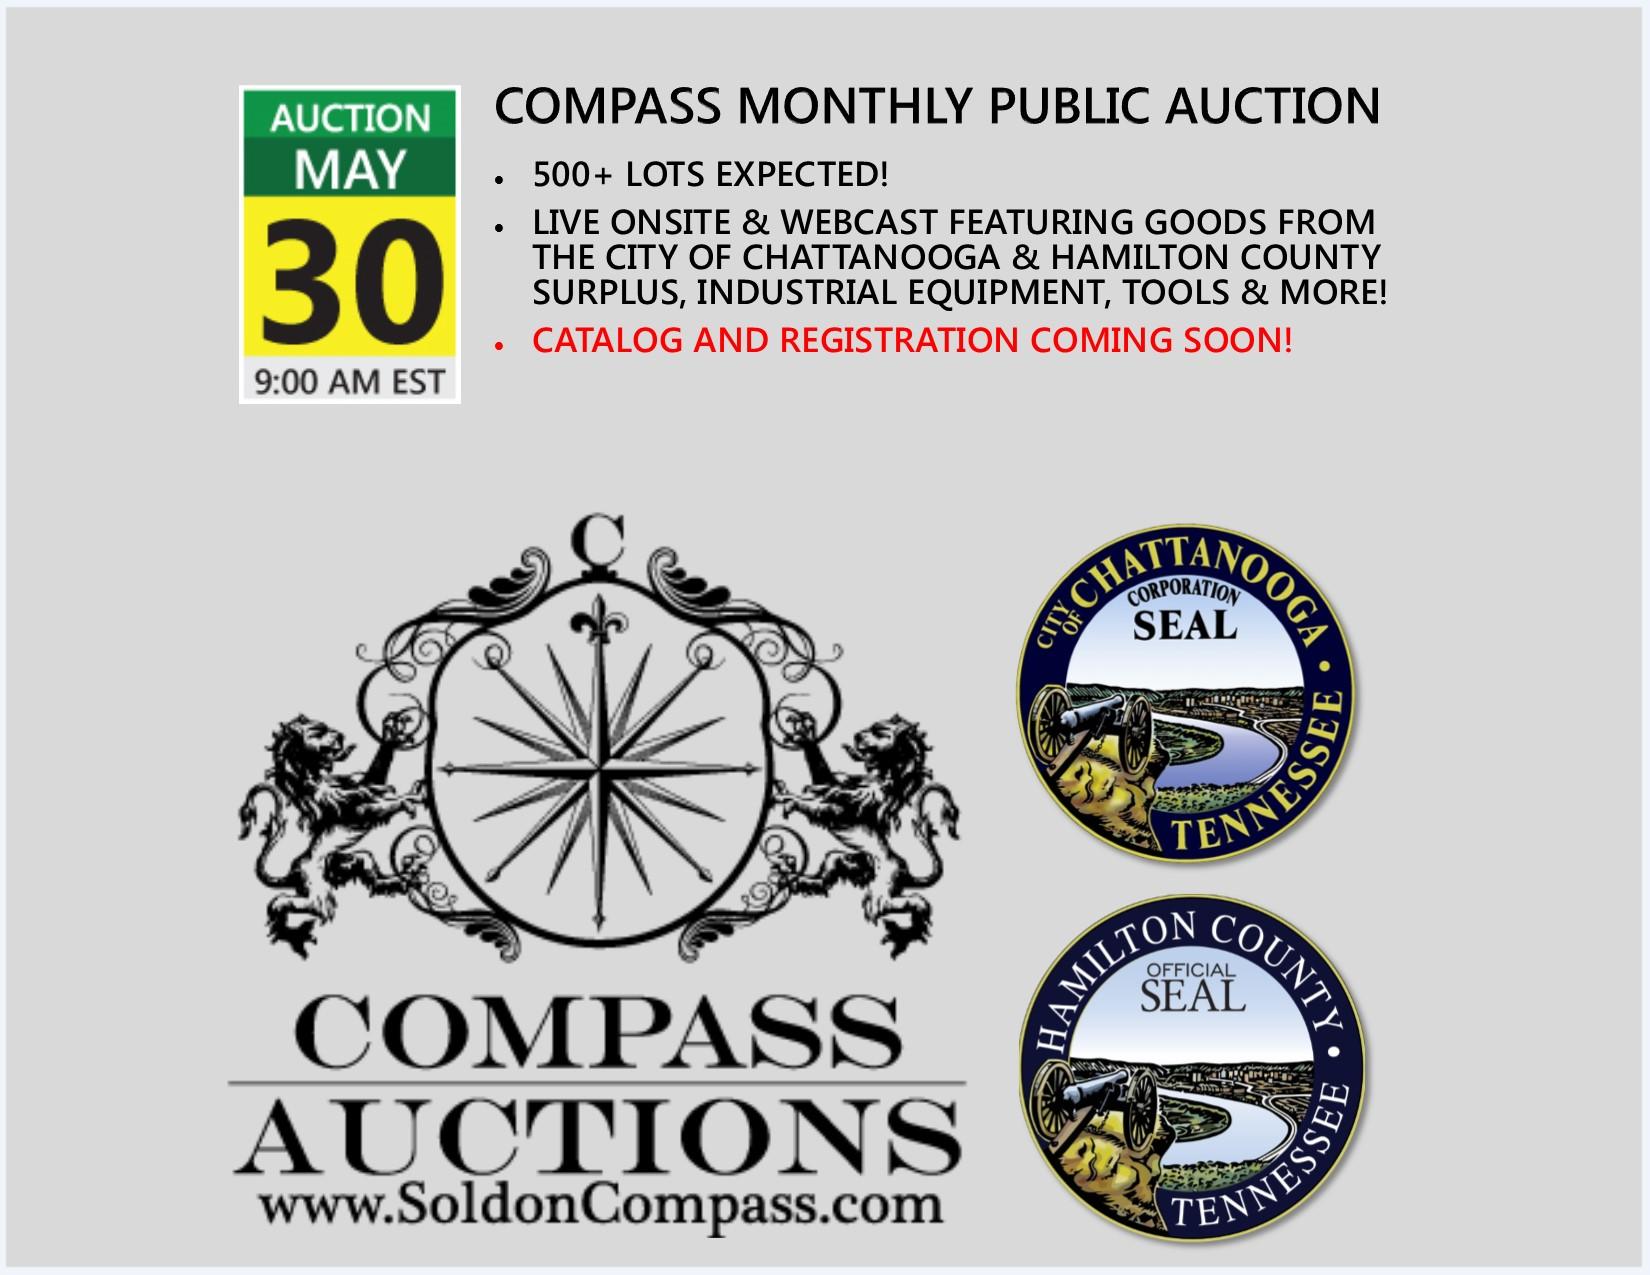 Compass Auction May 2018 government surplus public auction